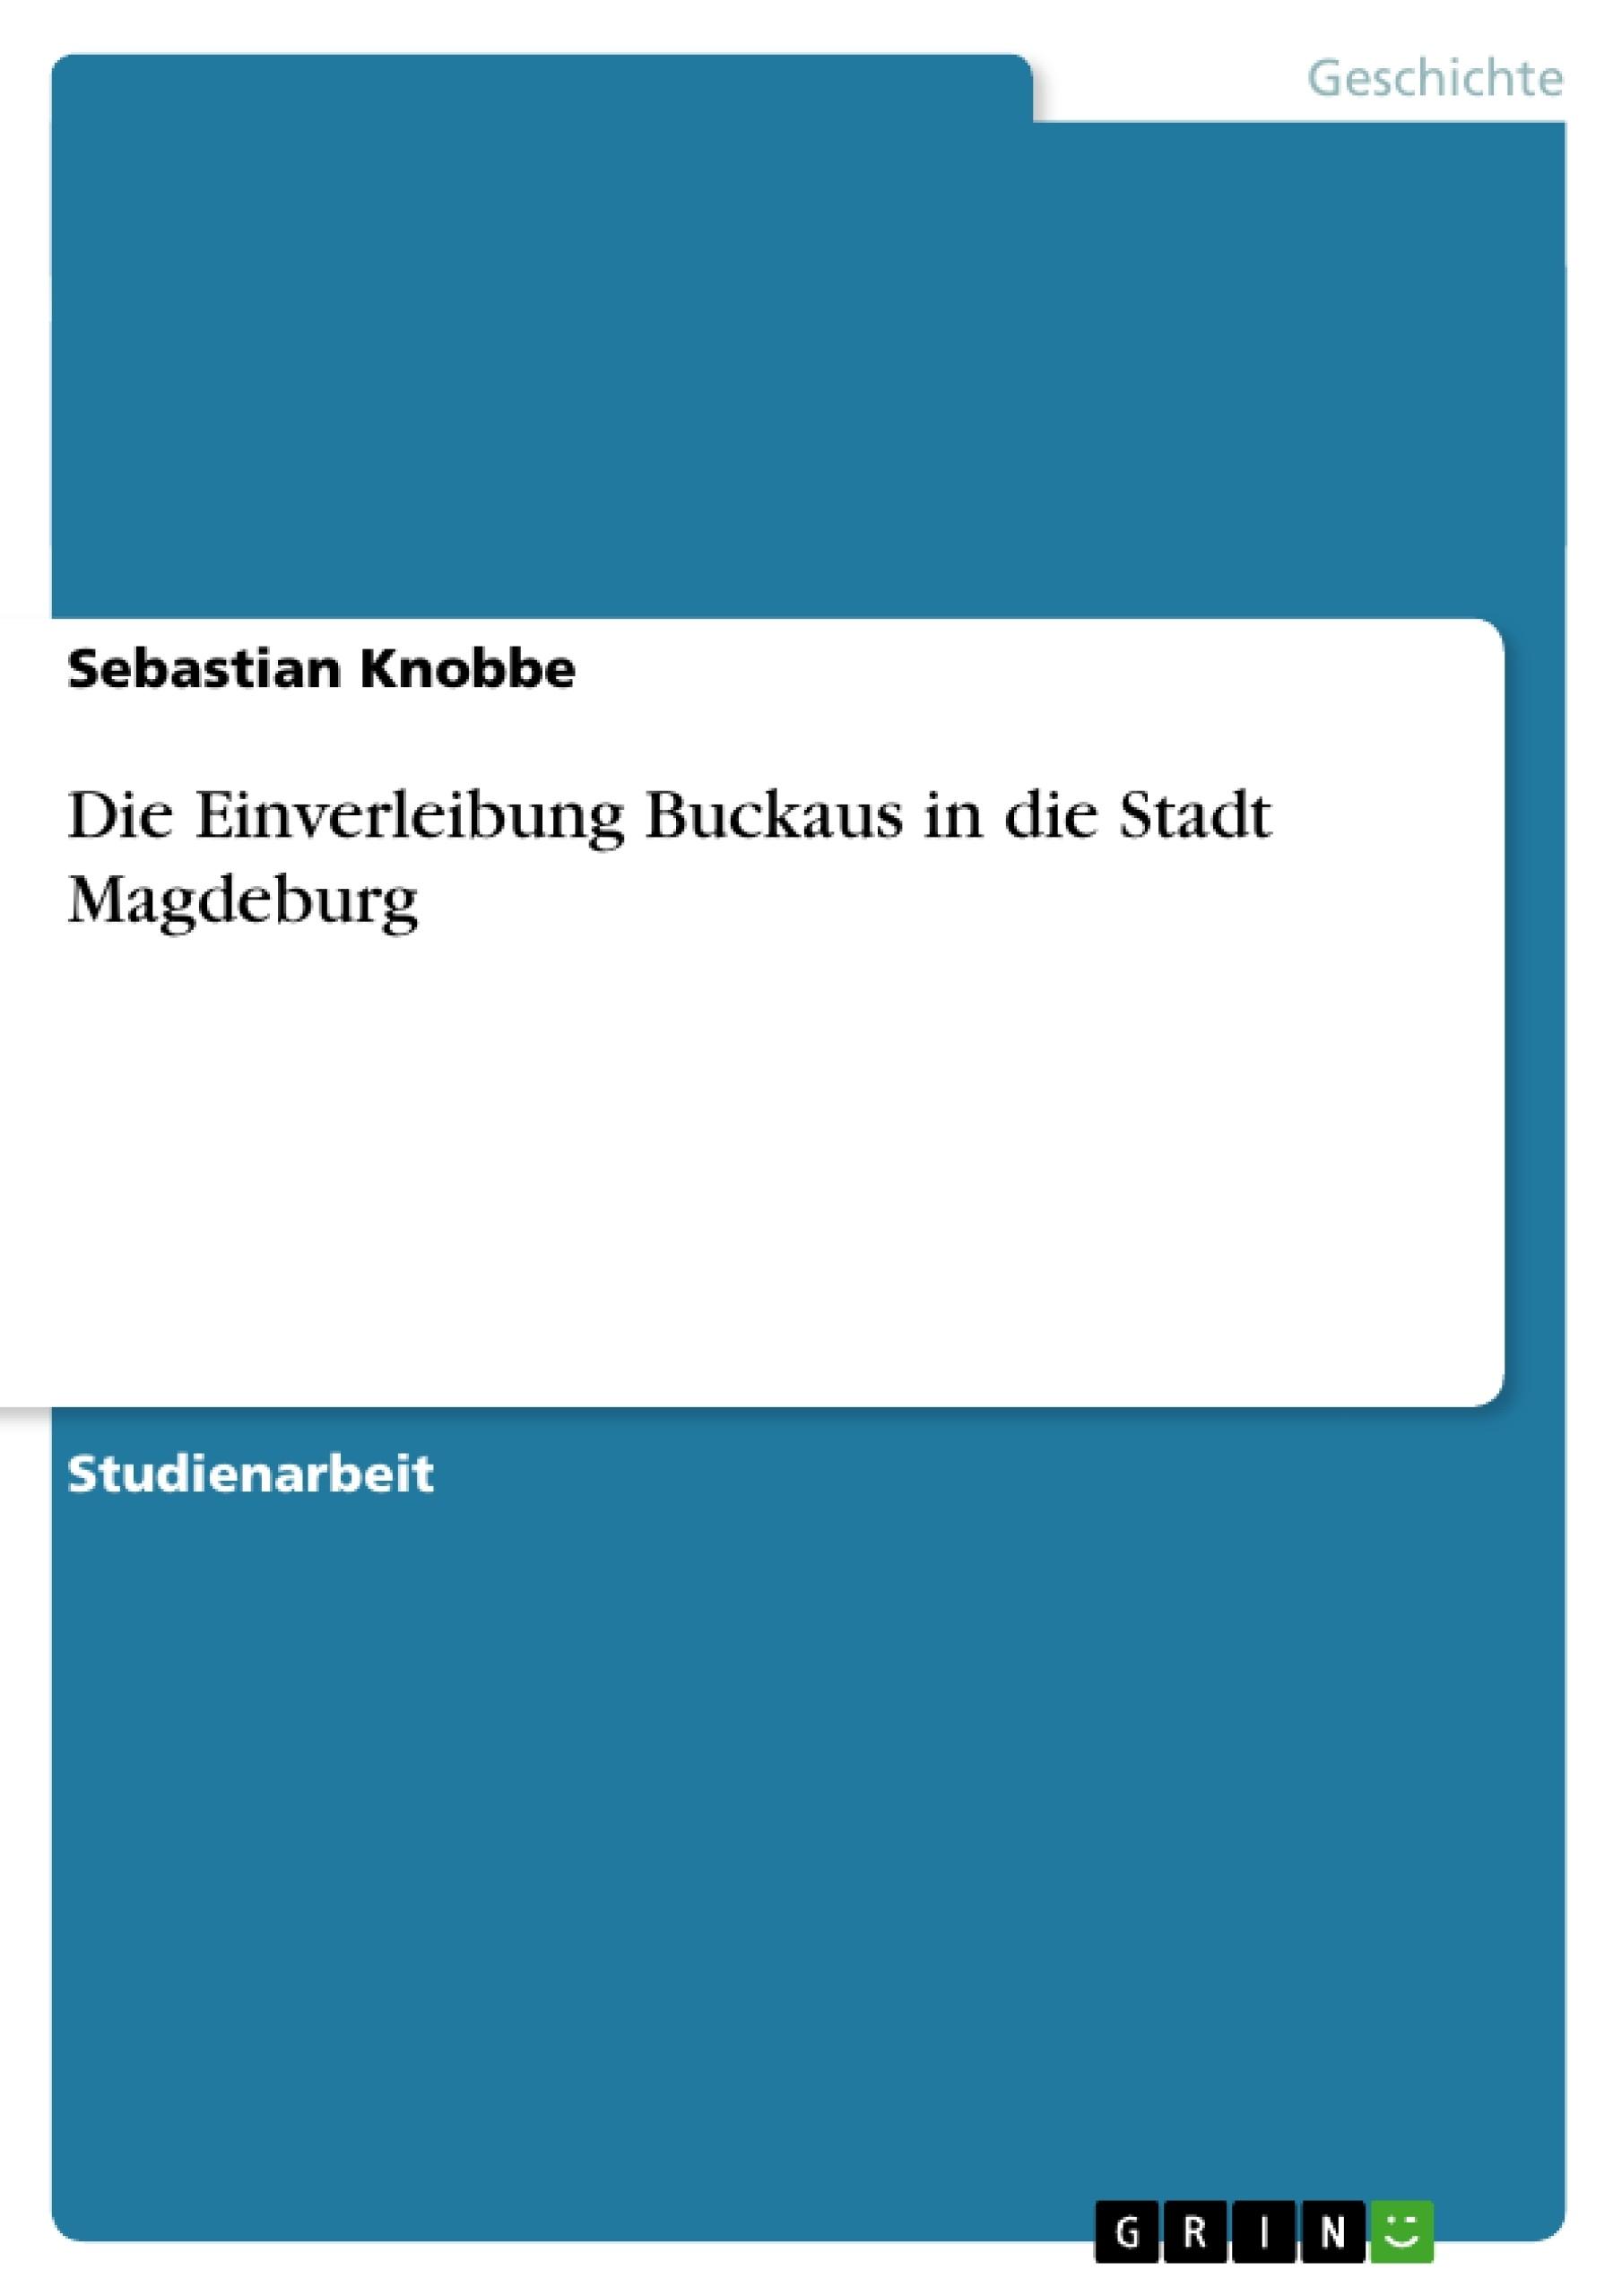 Titel: Die Einverleibung Buckaus in die Stadt Magdeburg